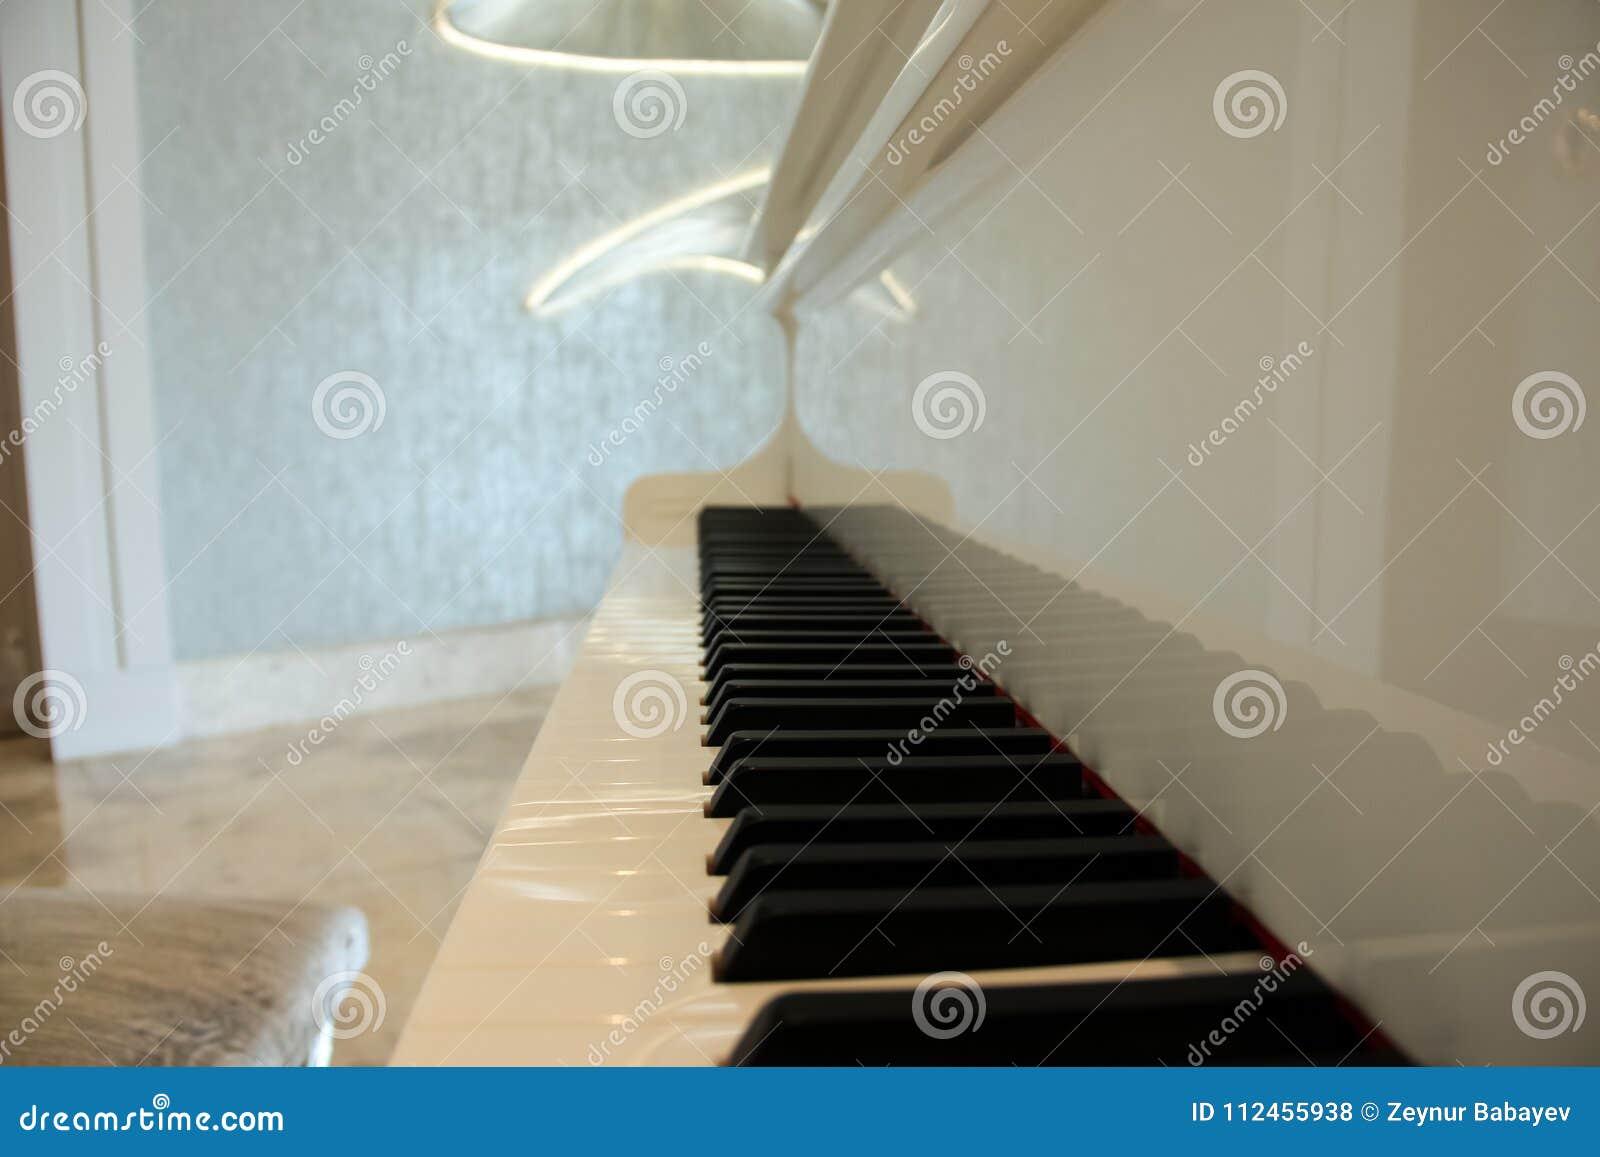 Άσπρη μεγάλη κινηματογράφηση σε πρώτο πλάνο πιάνων πυροβοληθείσα, μουσικό όργανο black ivory keys piano white